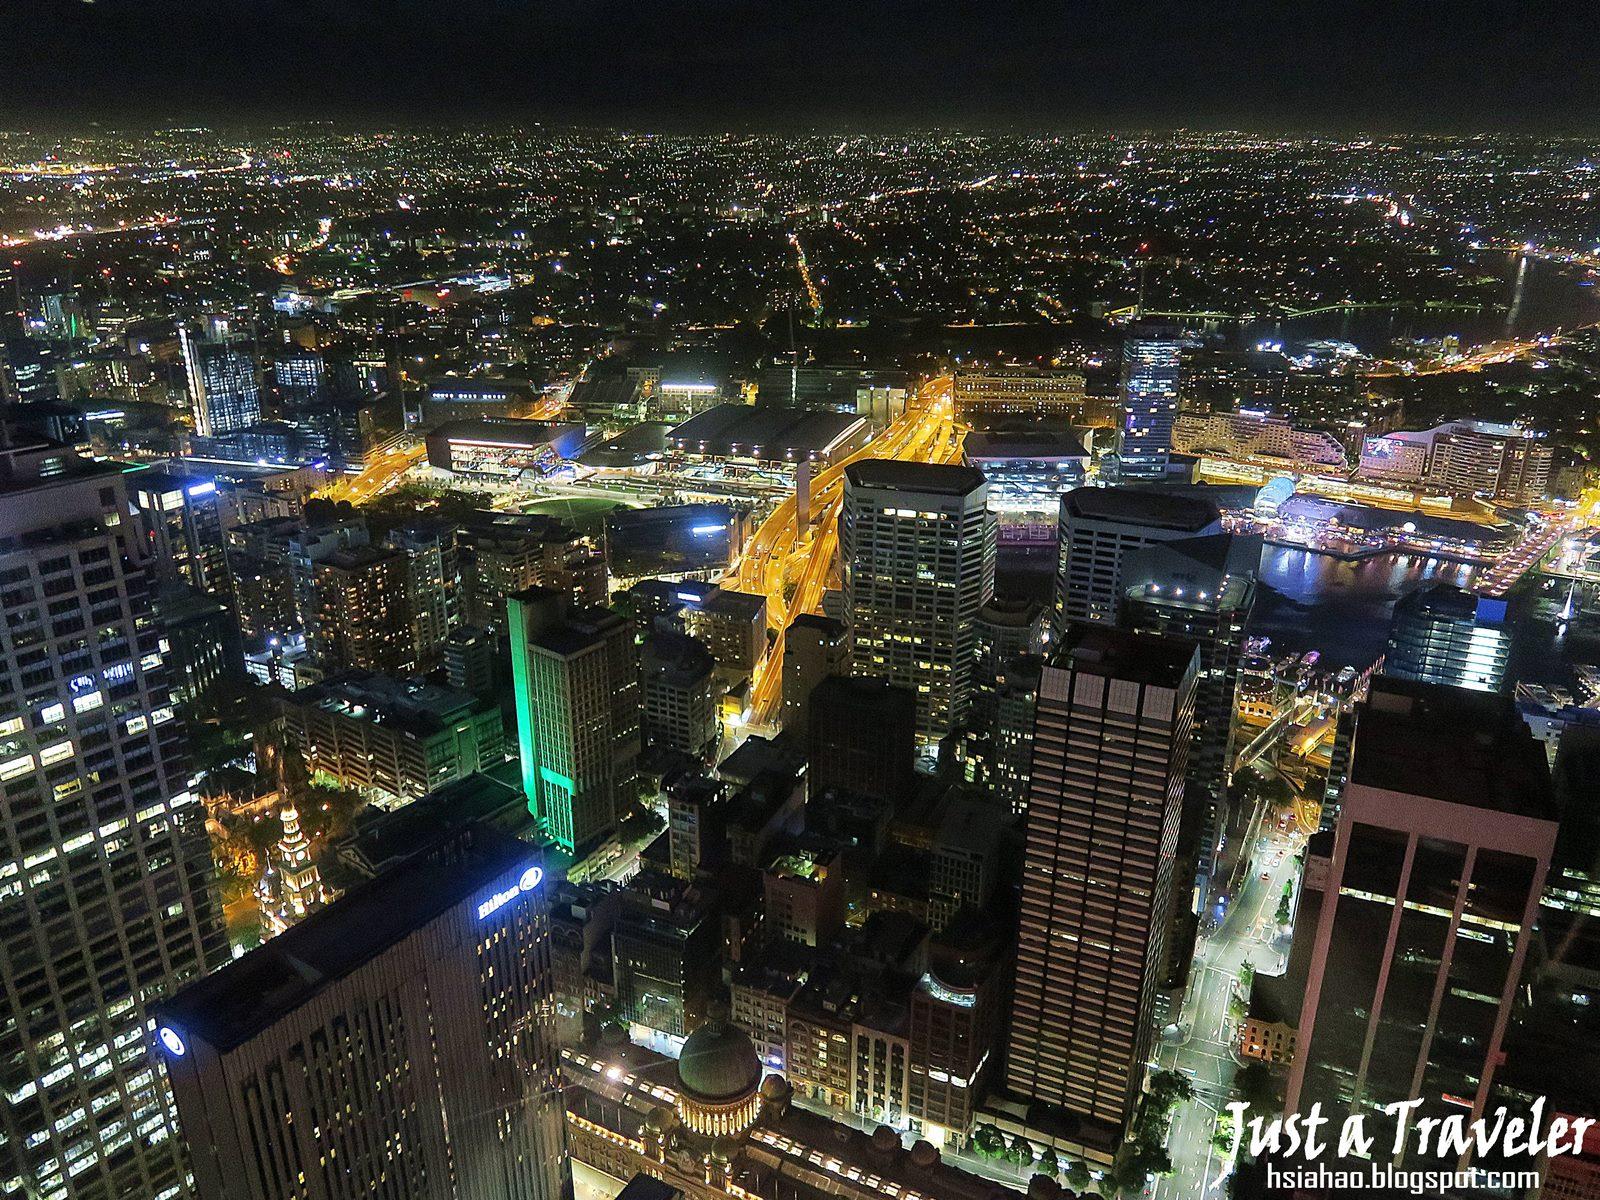 雪梨-悉尼-景點-推薦-雪梨塔-悉尼塔-優惠券-夜景-自由行-套票-旅遊-澳洲-Sydney-Tower-Eye-Tourist-Attraction-Travel-Australia